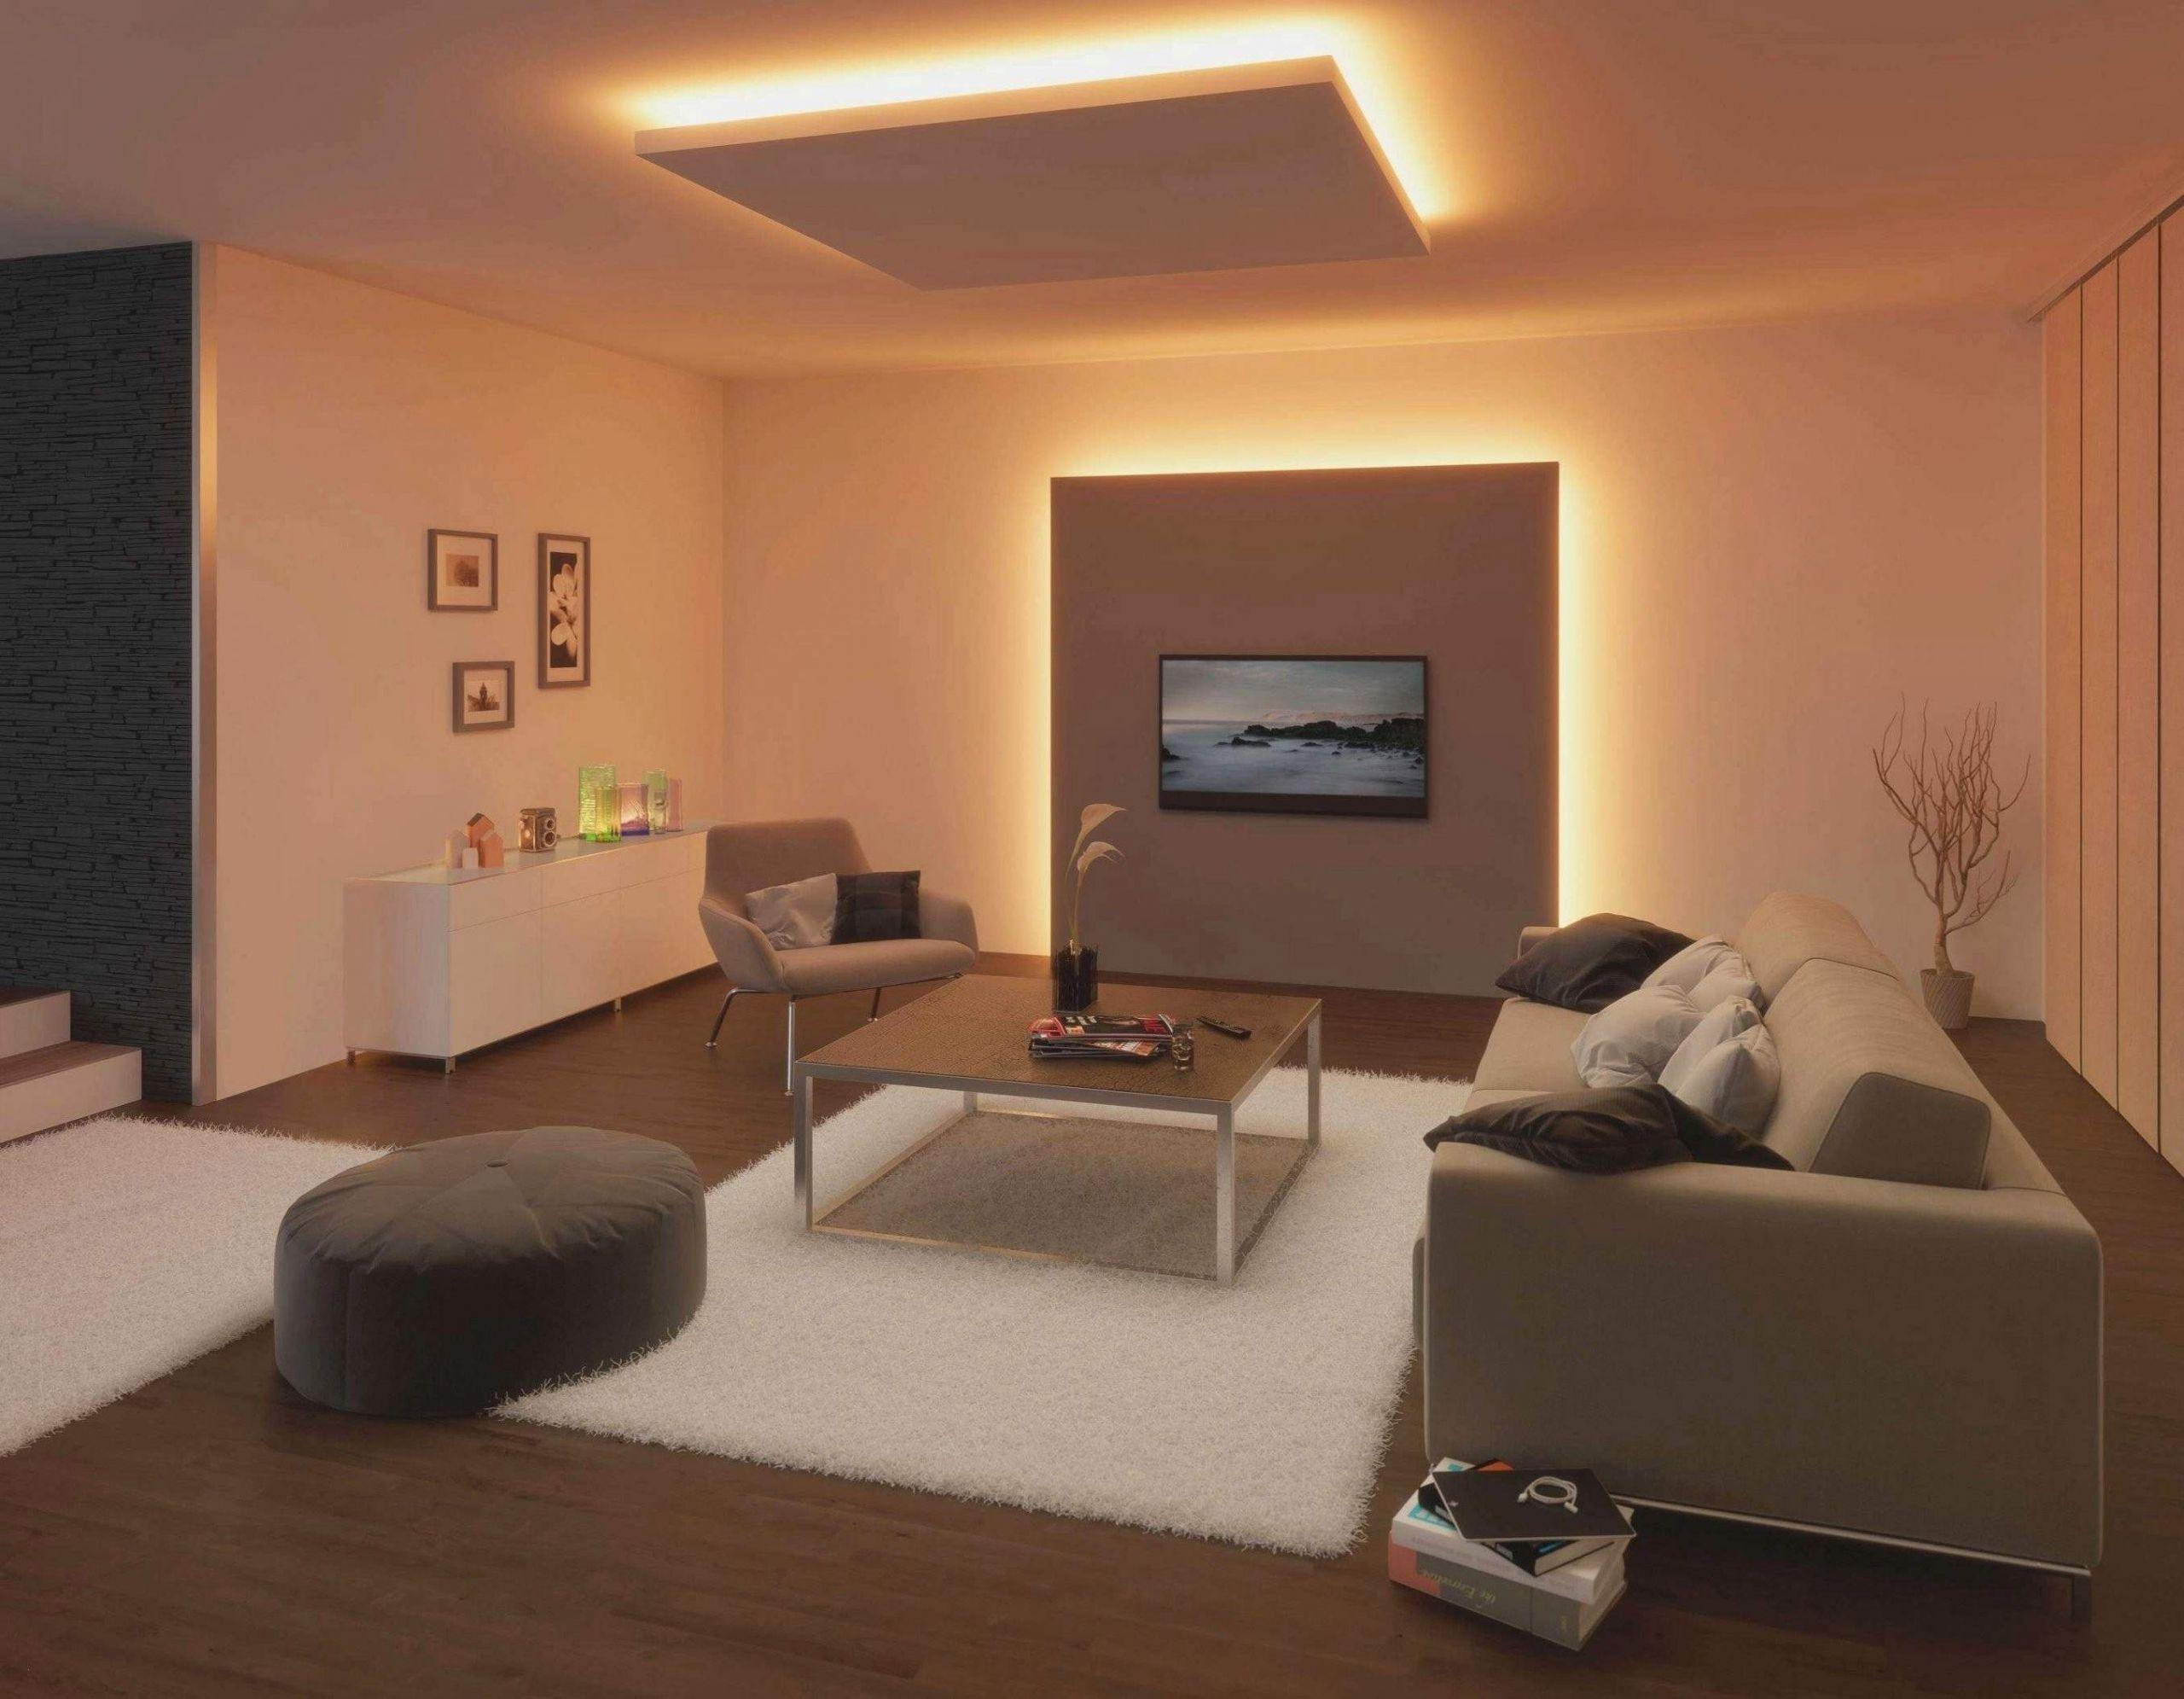 led wohnzimmer reizend ikea lampen wohnzimmer design besten ideen ses jahr of led wohnzimmer